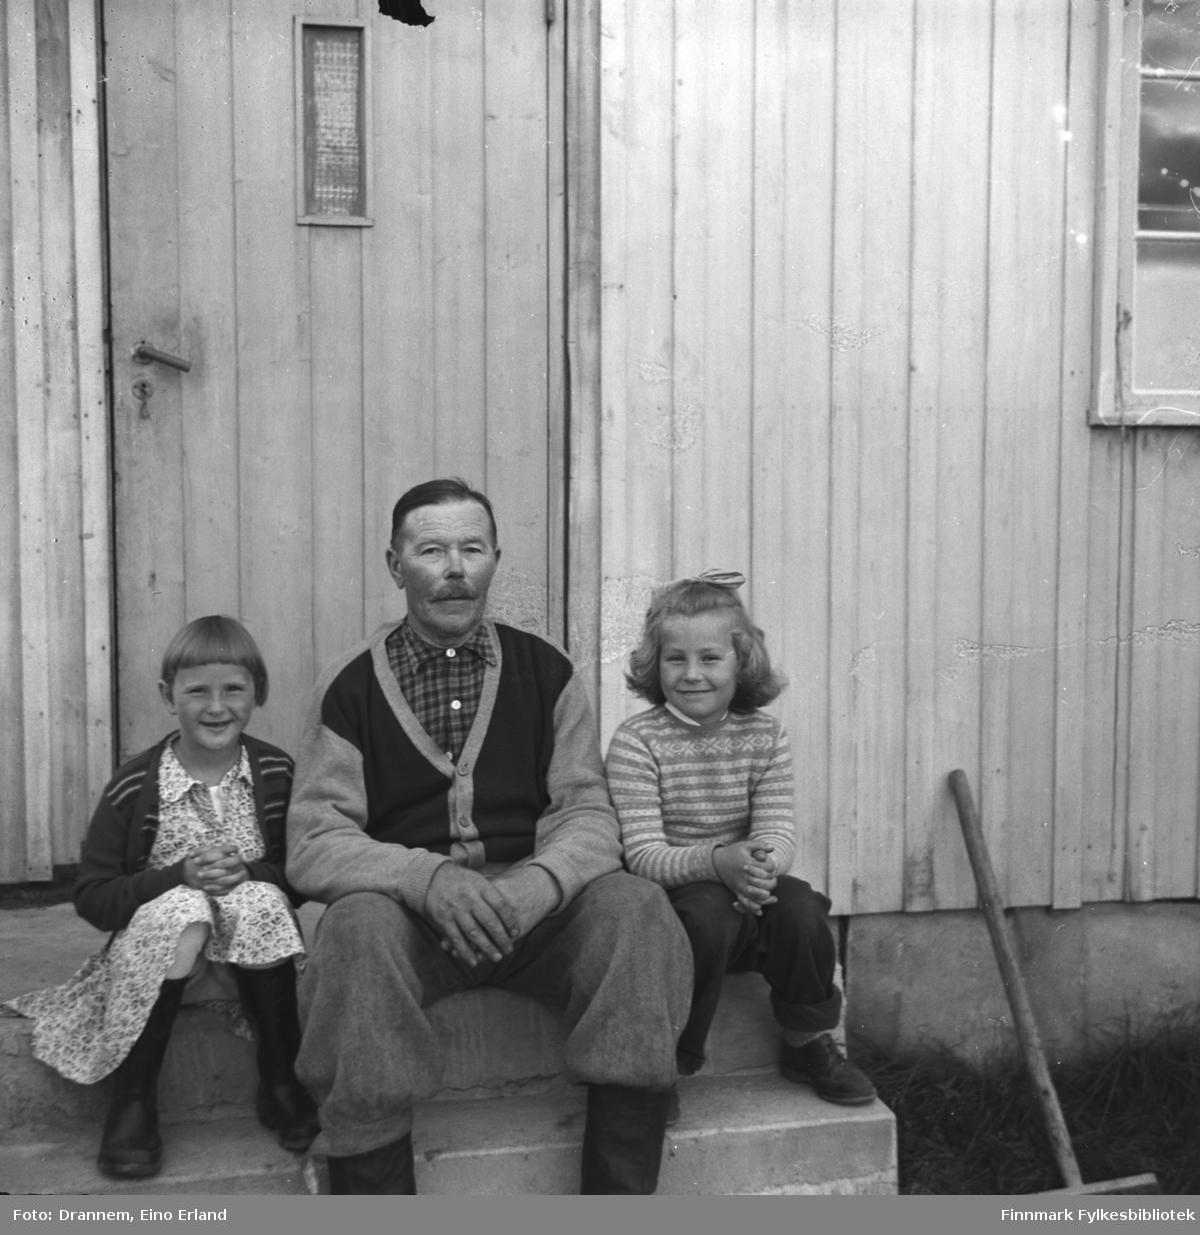 Alfred Karikoski, Turid Lillian og en gjest (ei jente til venstre) sitter på trappen utenfor huset i Steinnes i Neiden